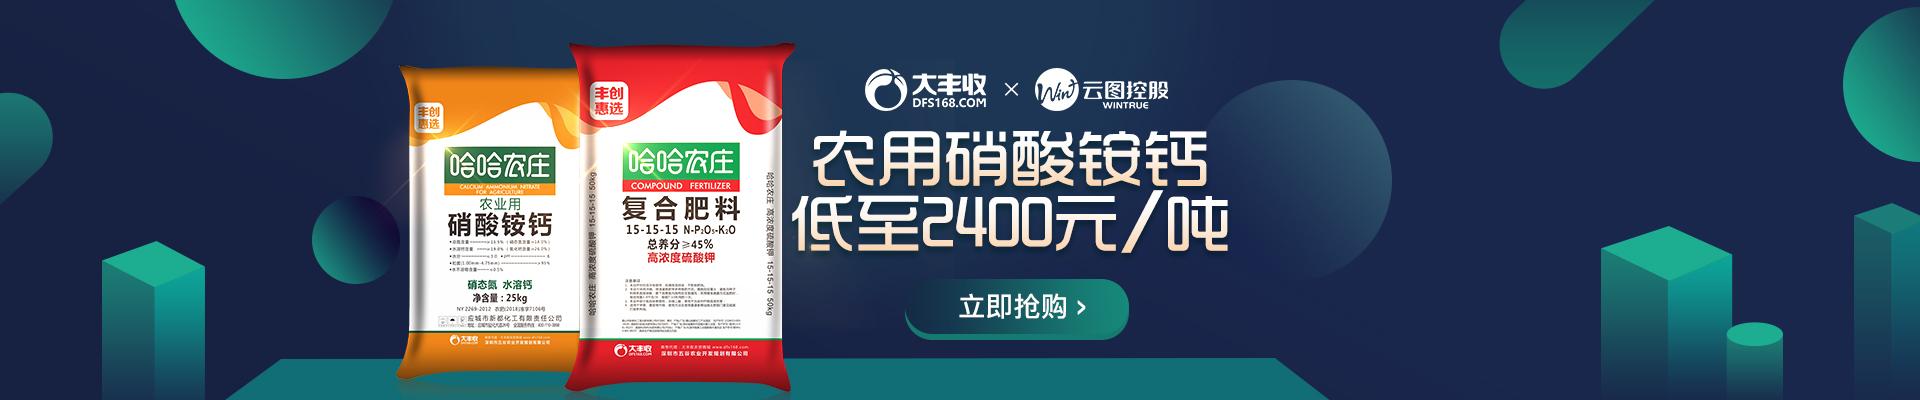 10月大丰收×云图控股品牌商品发布-PC轮播